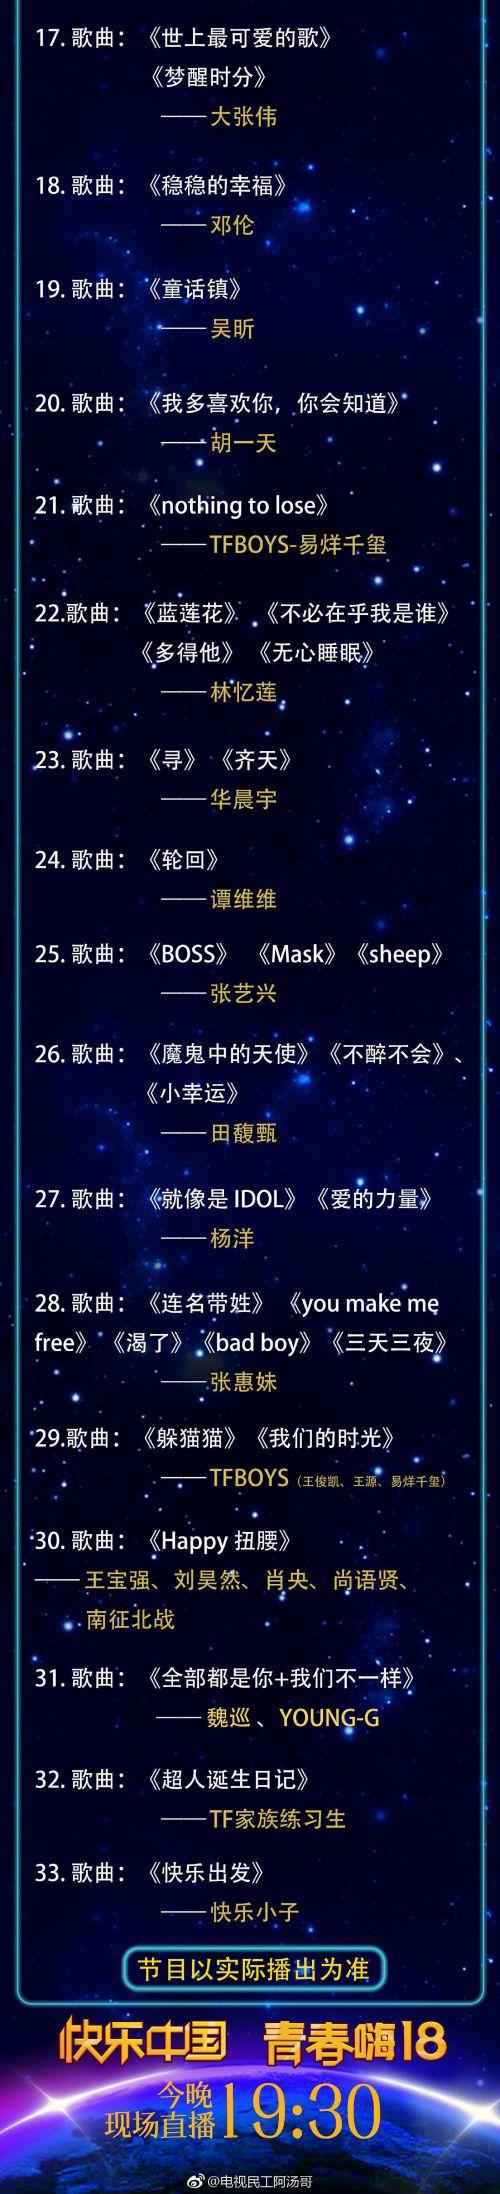 湖南跨年演唱会节目表